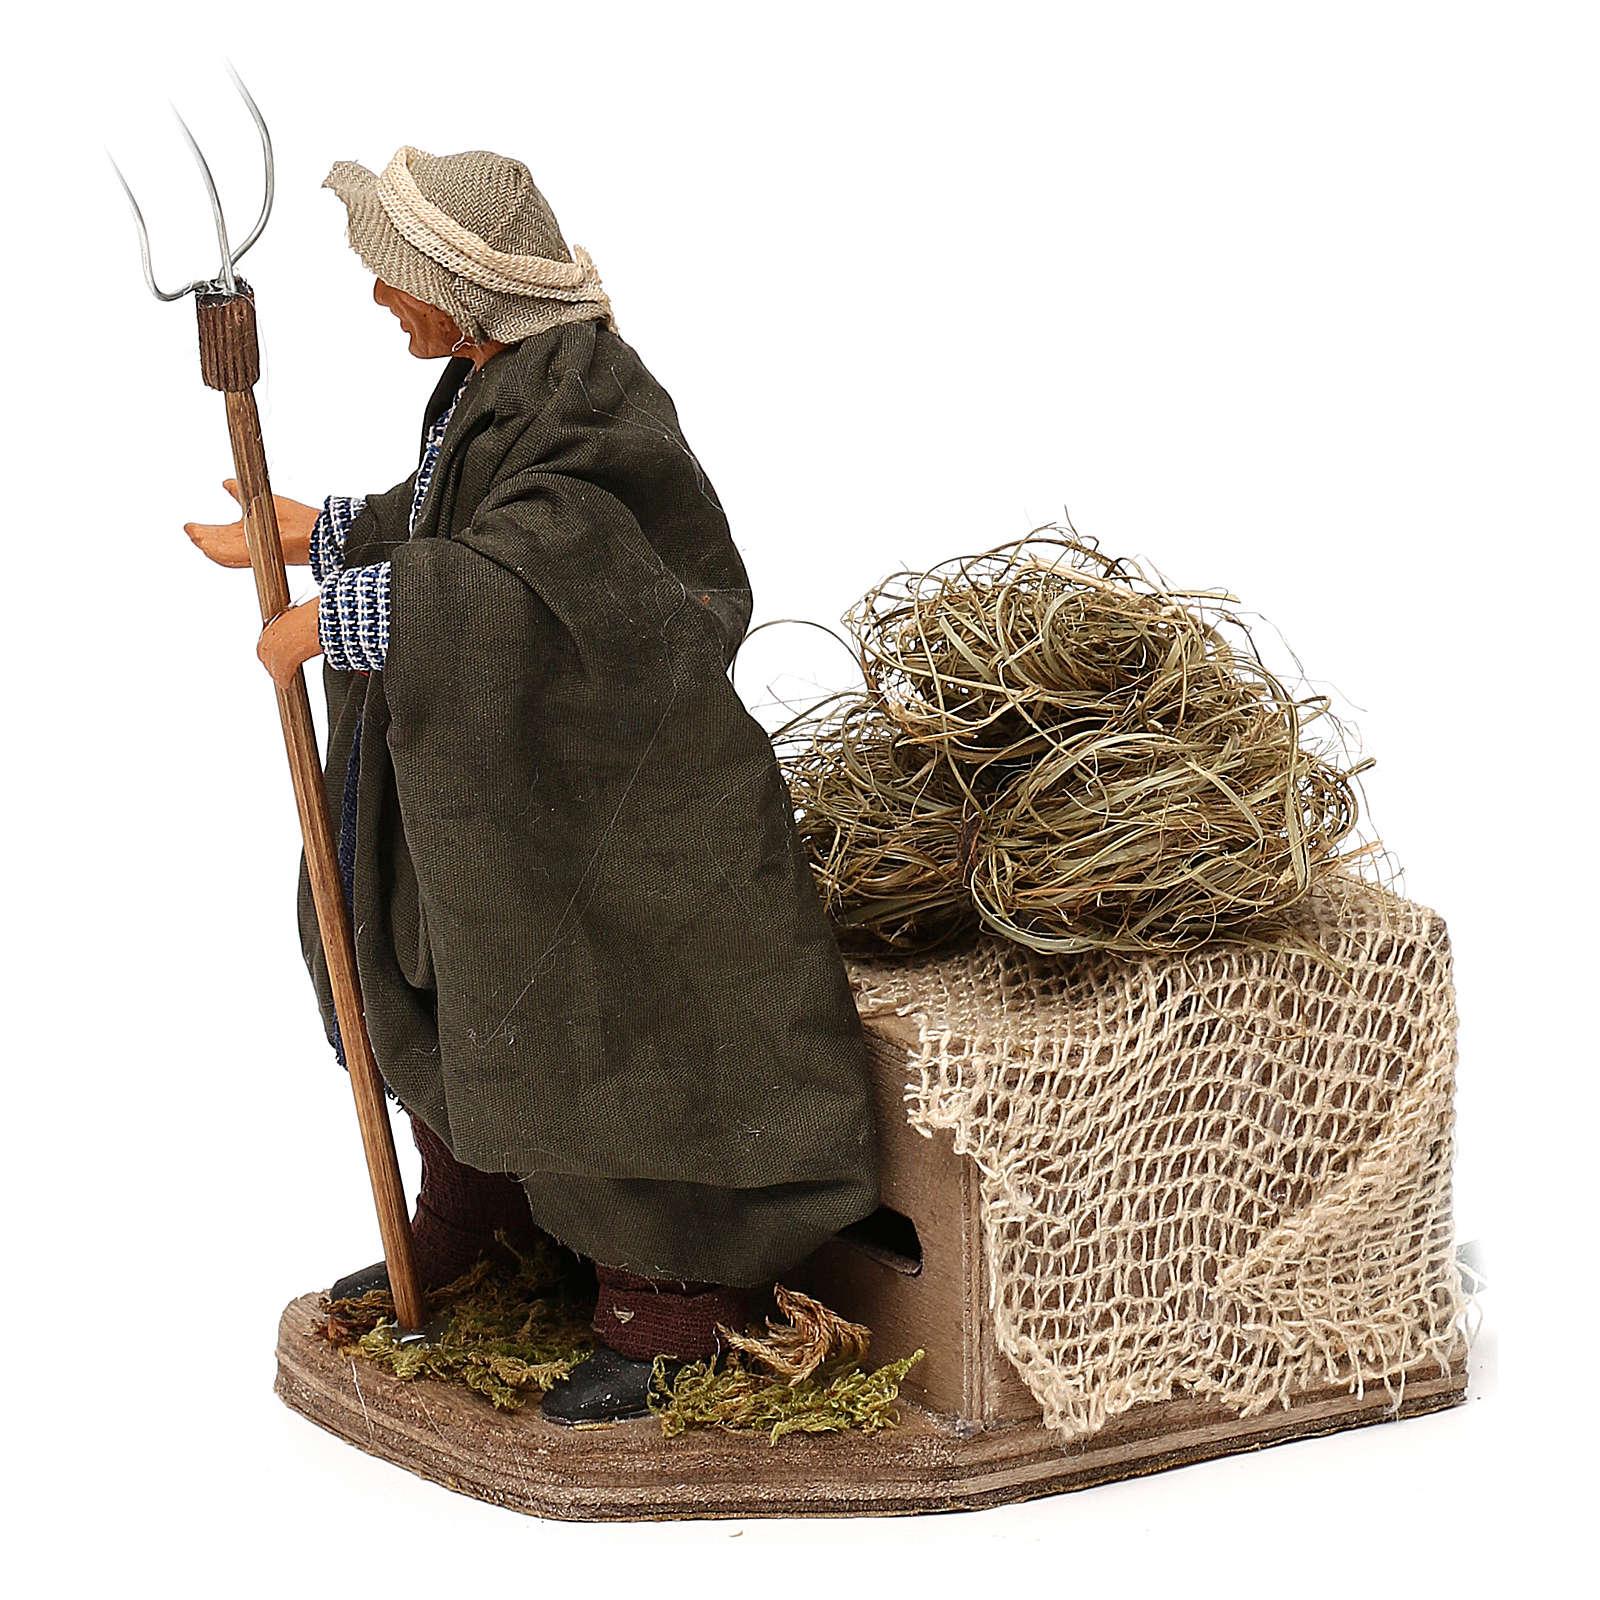 Santon animé crèche napolitaine12 cm, paysan 4